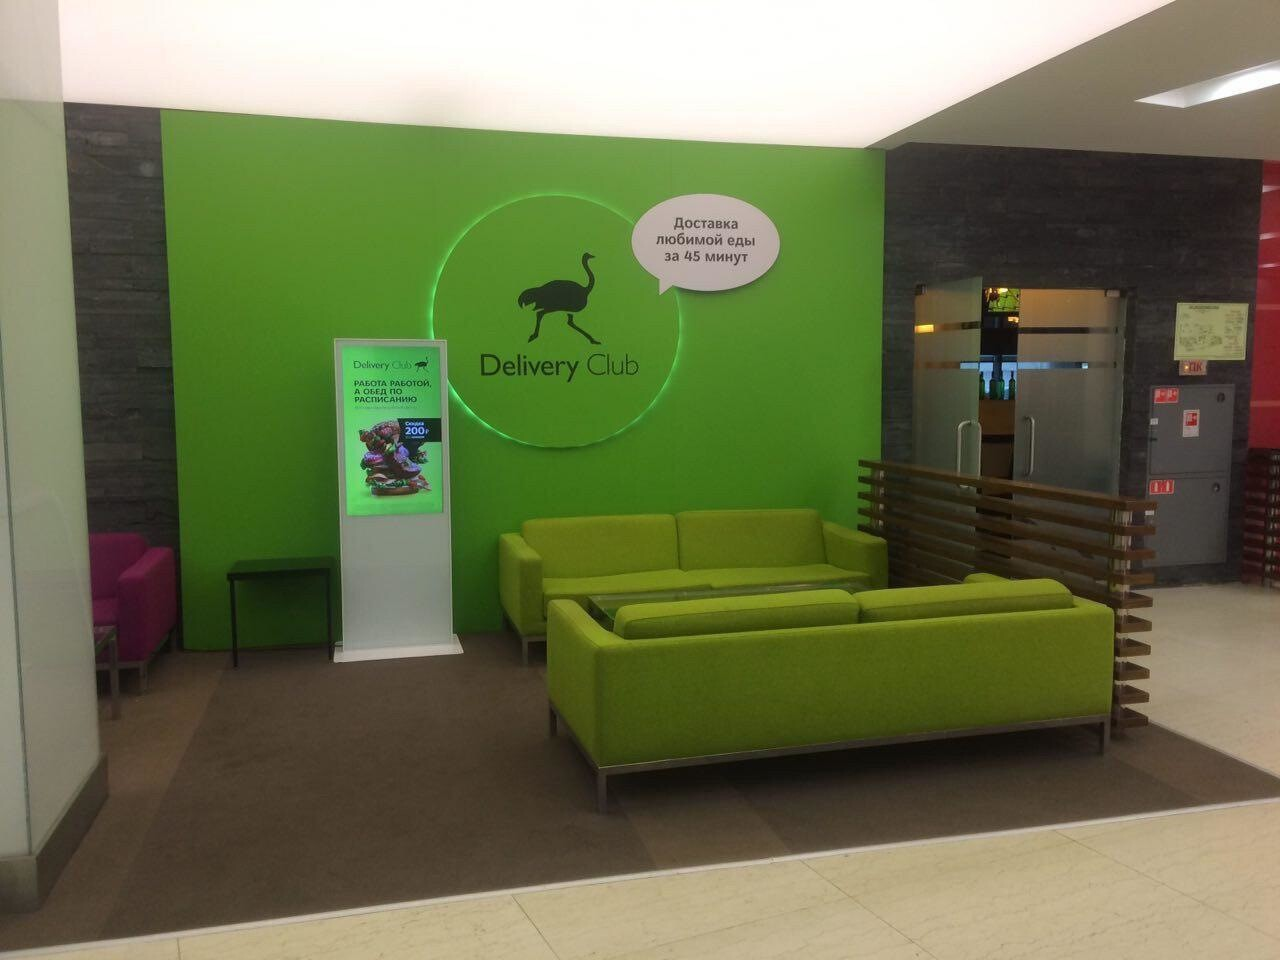 Delivery Club открыл специальные зоны для встреч с курьерами в бизнес-центрах Москвы